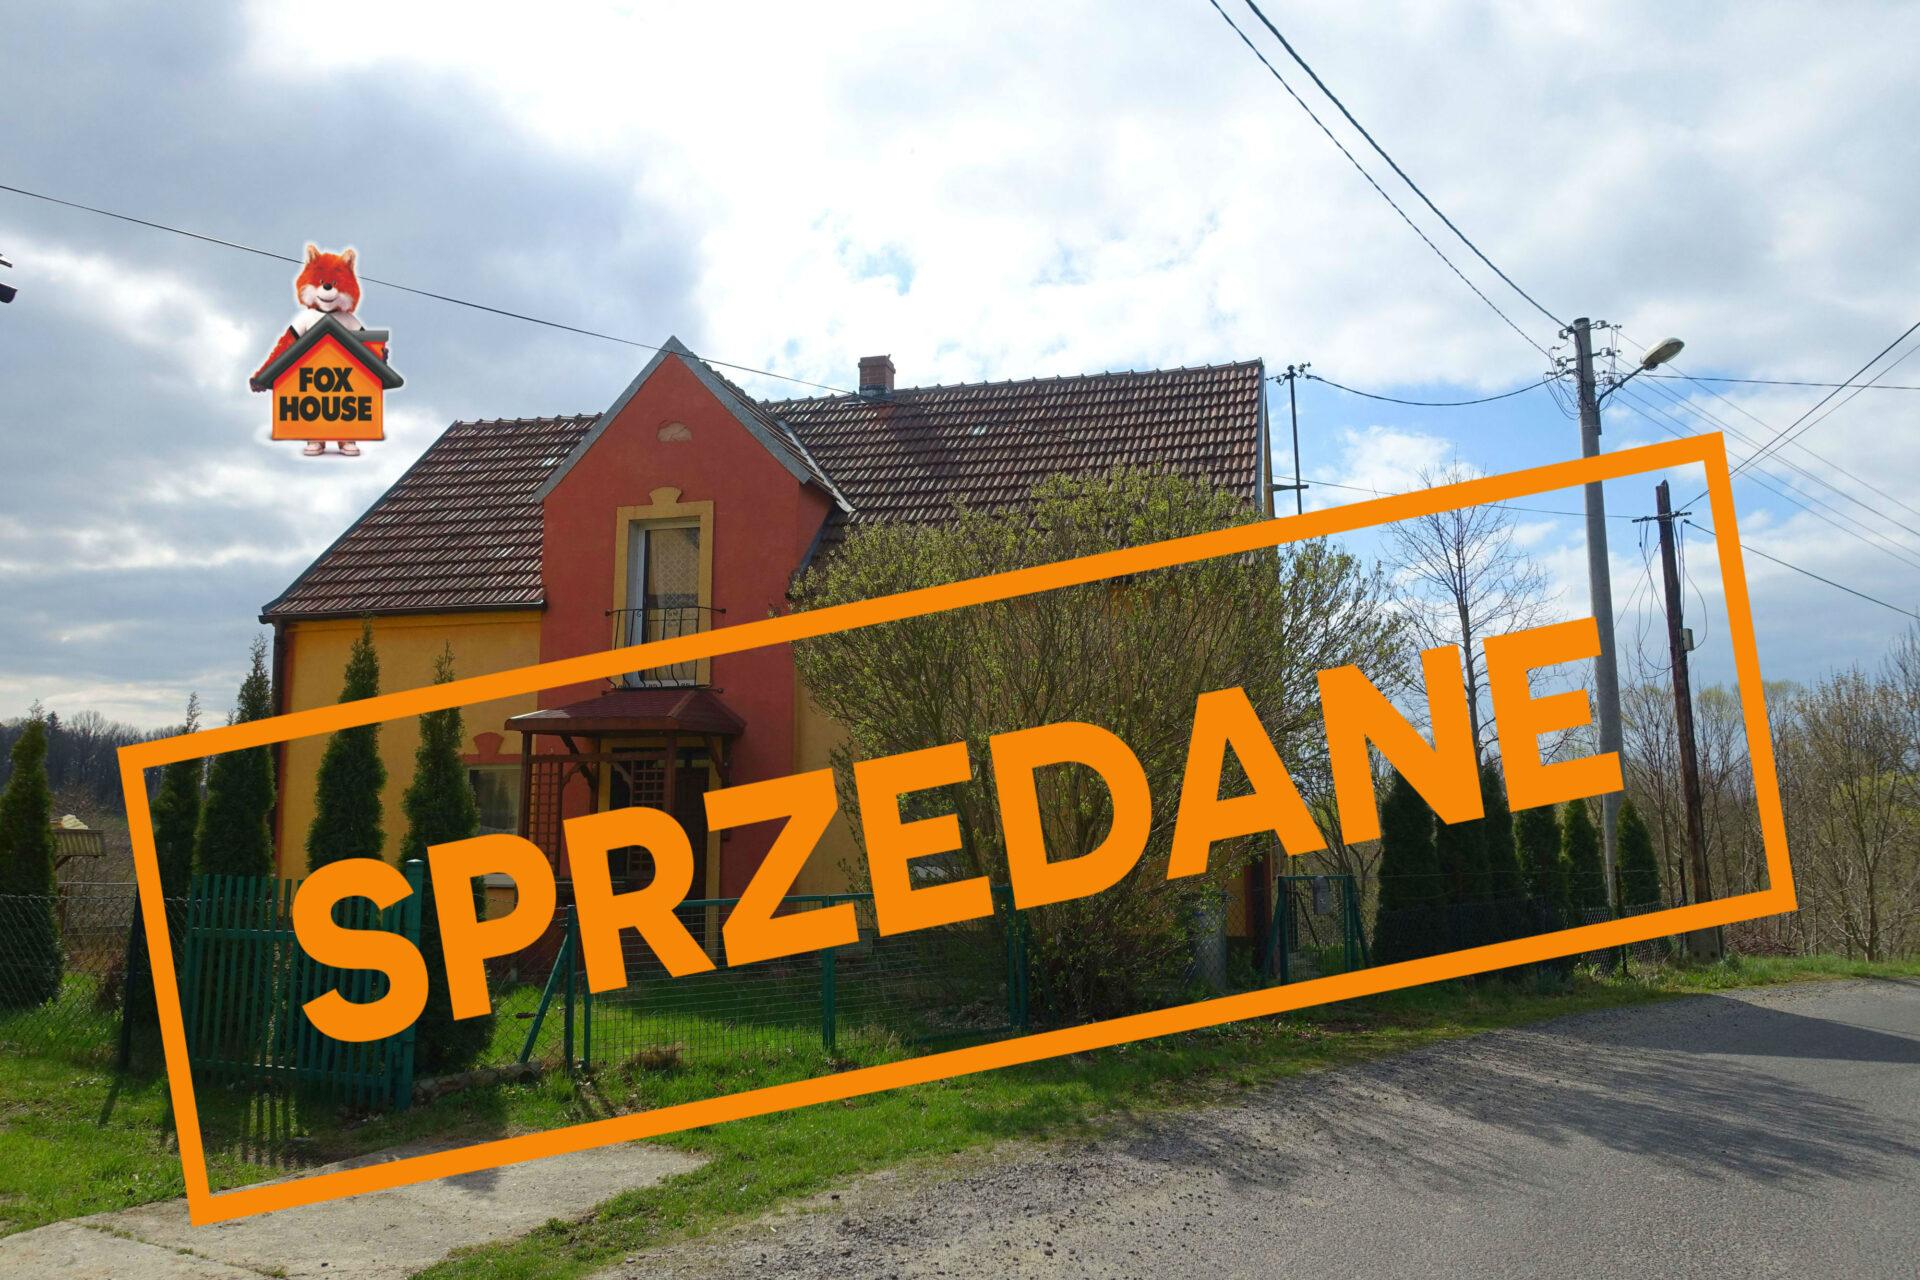 Dom jednorodzinny we Włosieniu, powiat Lubański